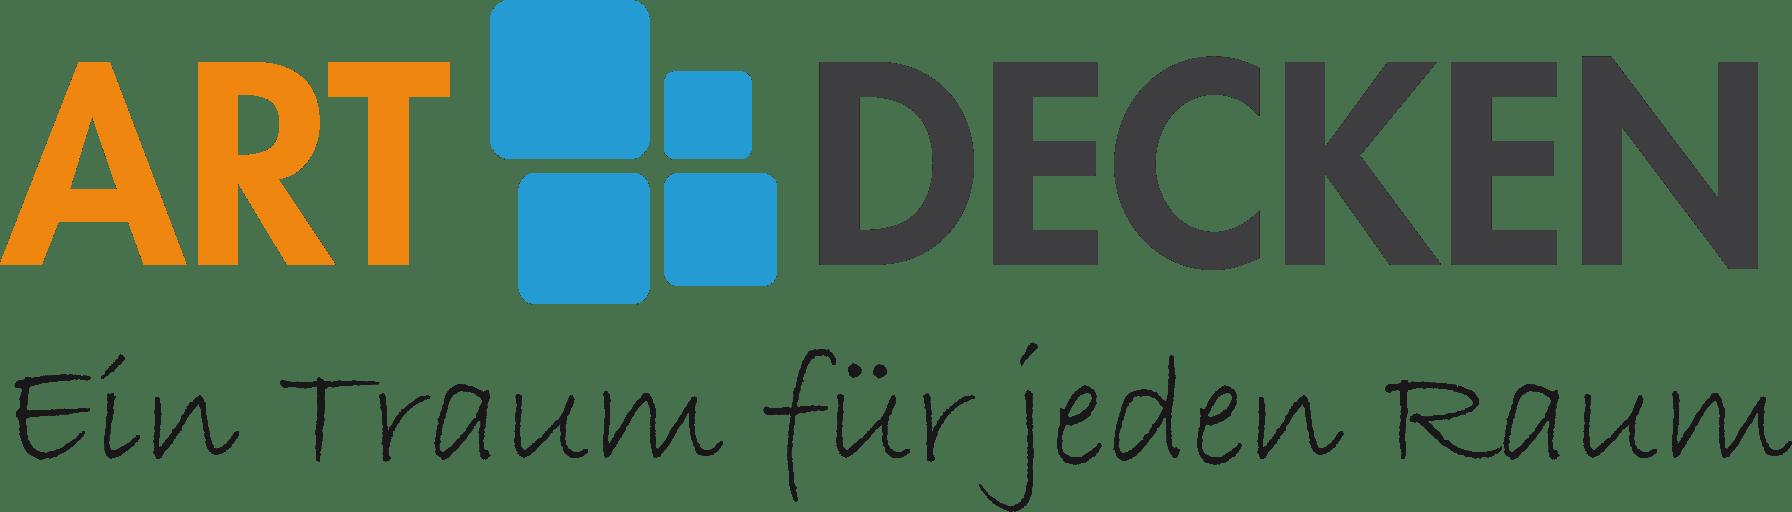 Logo ArtDecken Schrift mit Ein Traum für jeden Raum Farben Orange, Blau, Schwarz